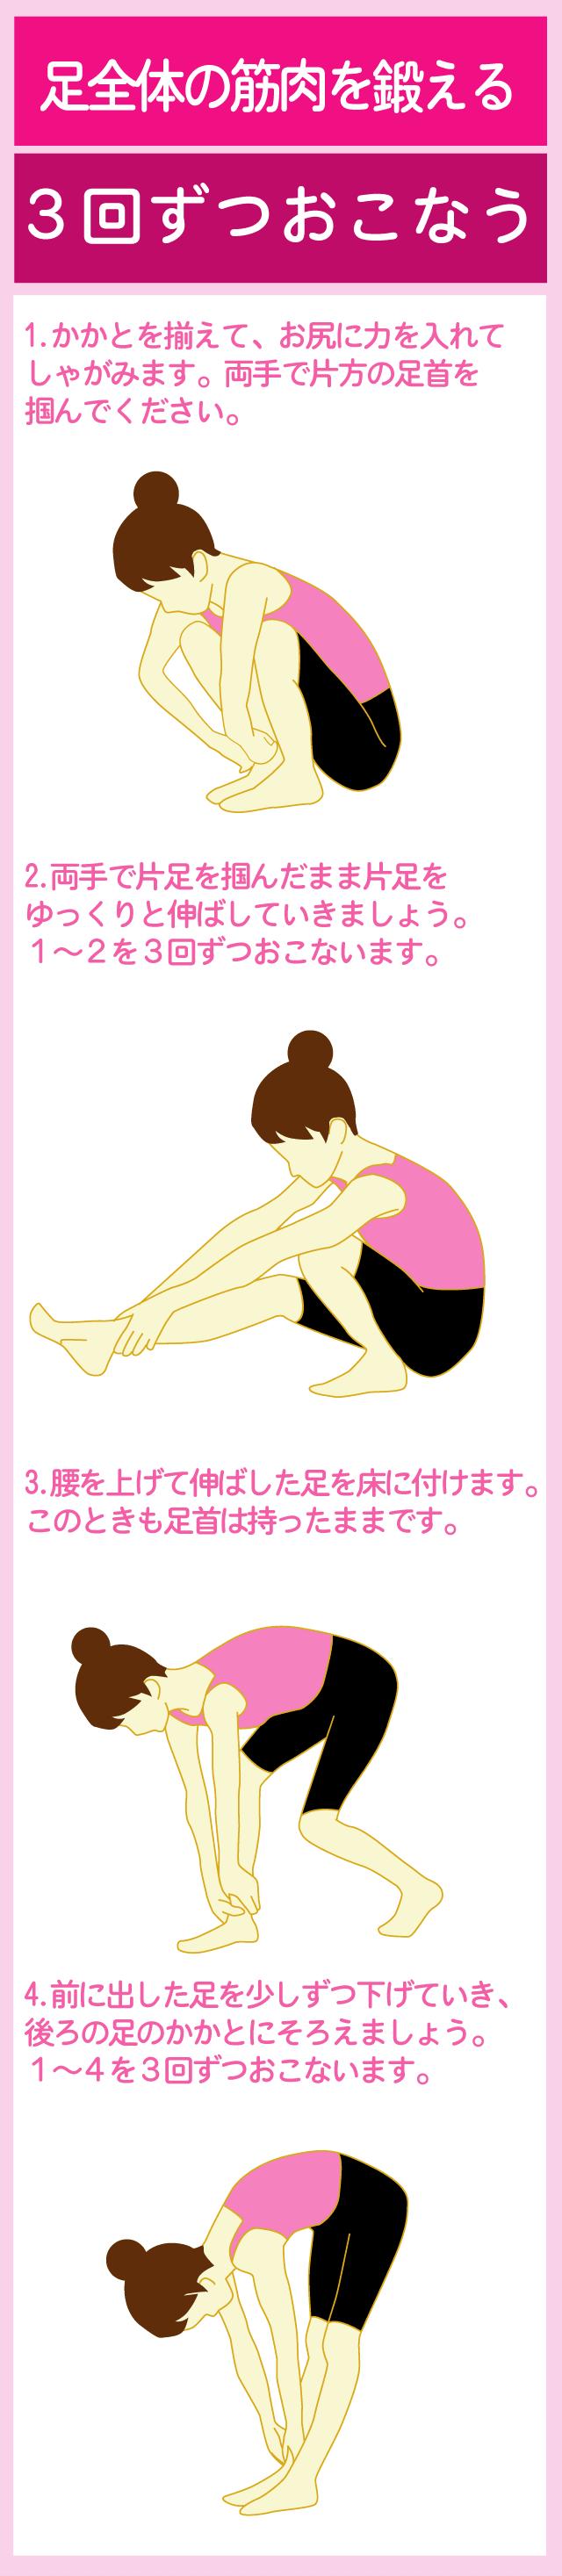 足全体の筋肉を鍛える